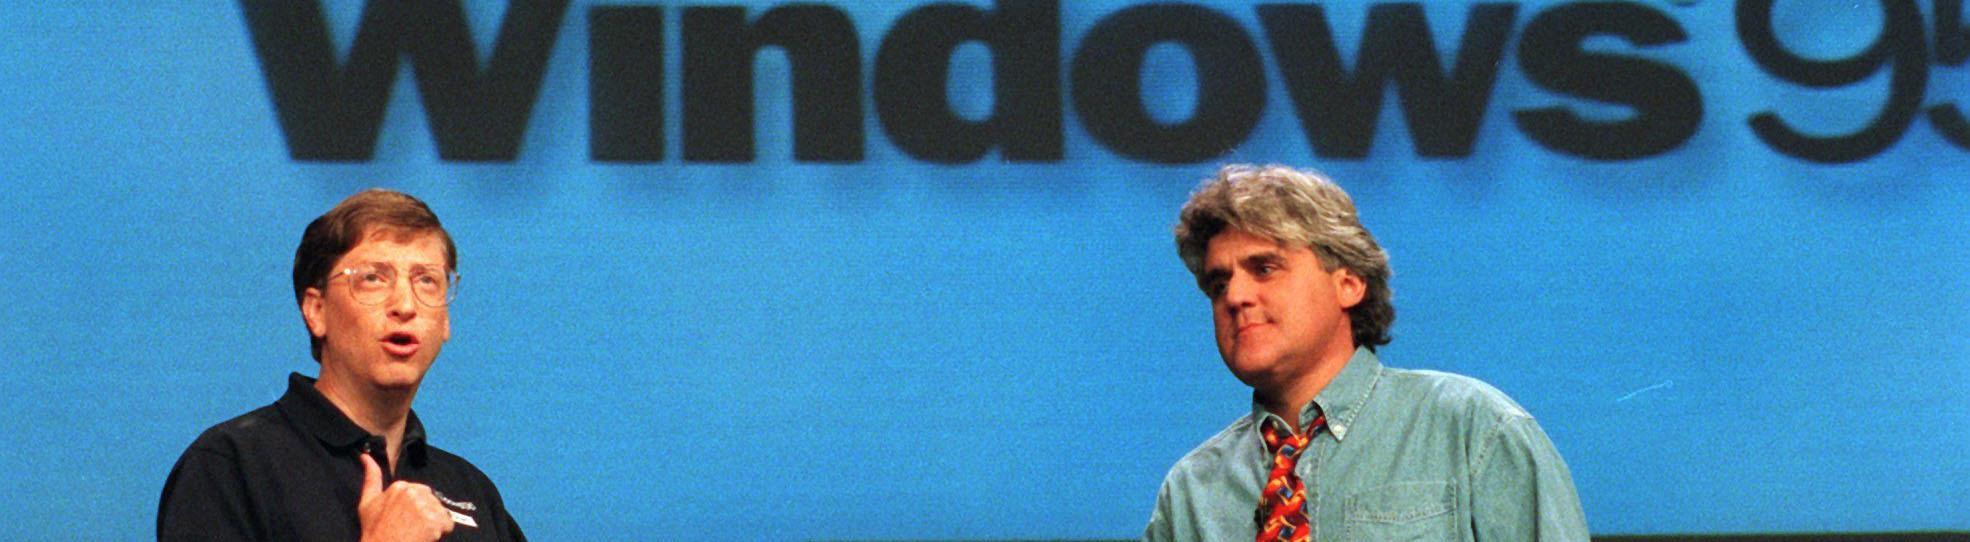 Bill Gates steht mit Jay Leno auf einer Bühne vor dem Windows 95 Logo.